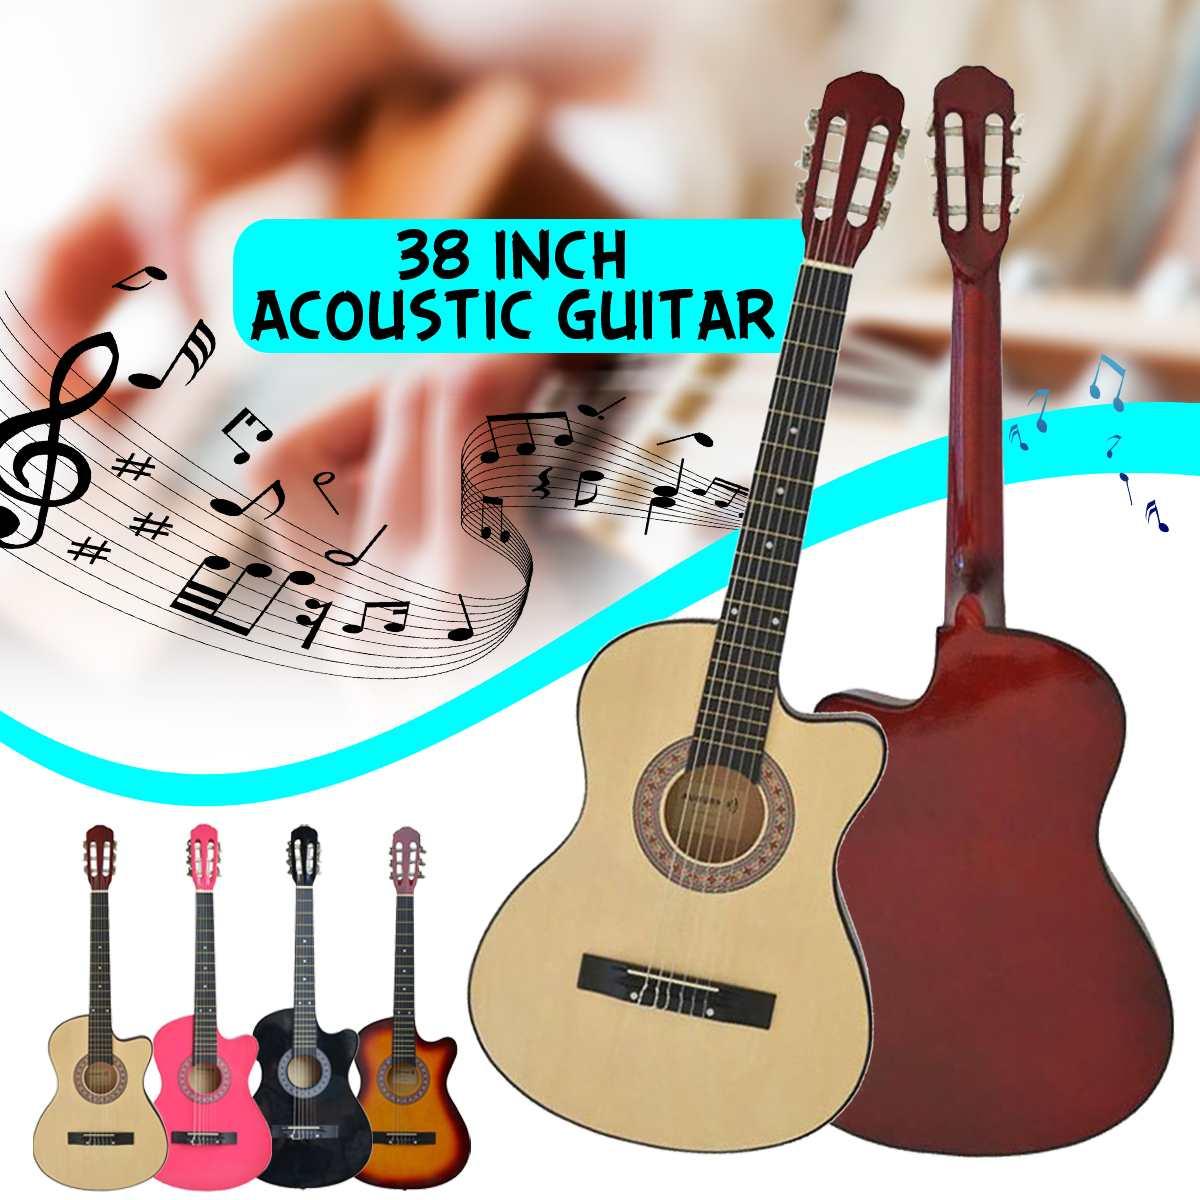 Guitare acoustique 38 pouces débutants pour commencer à pratiquer les Instruments à cordes